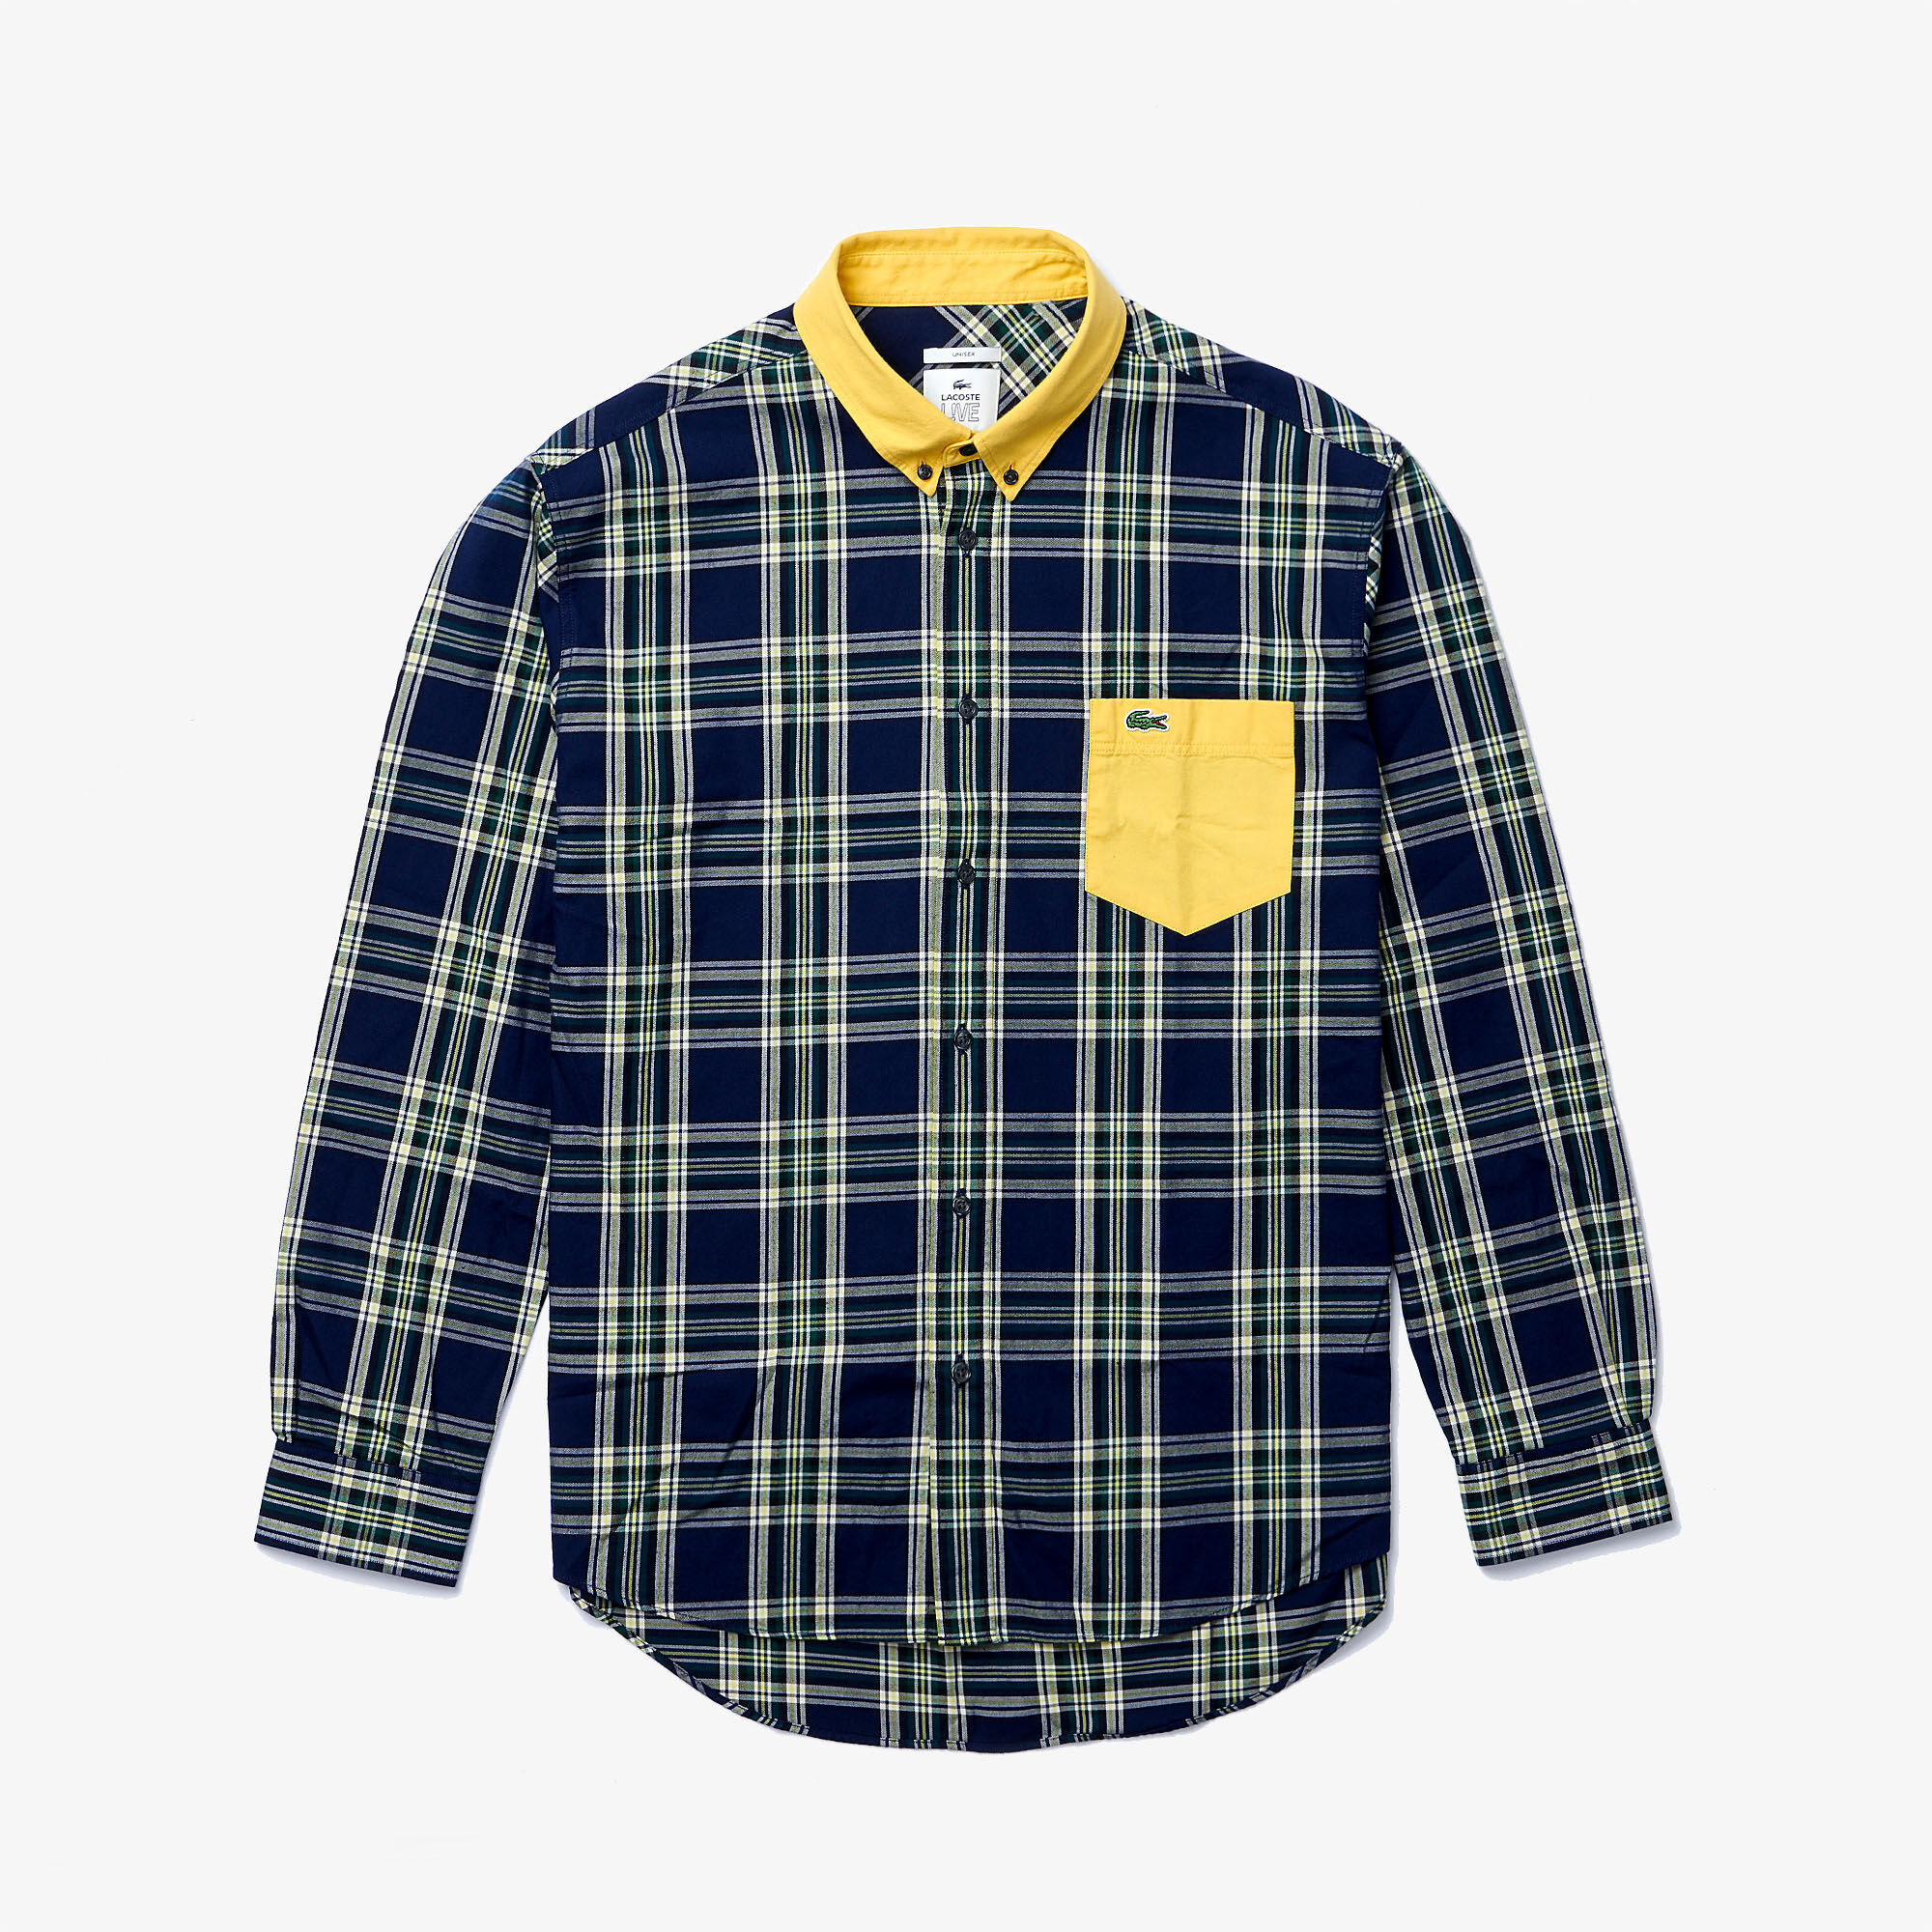 Unisex Lacoste LIVE Boxy Fit Check Cotton Shirt